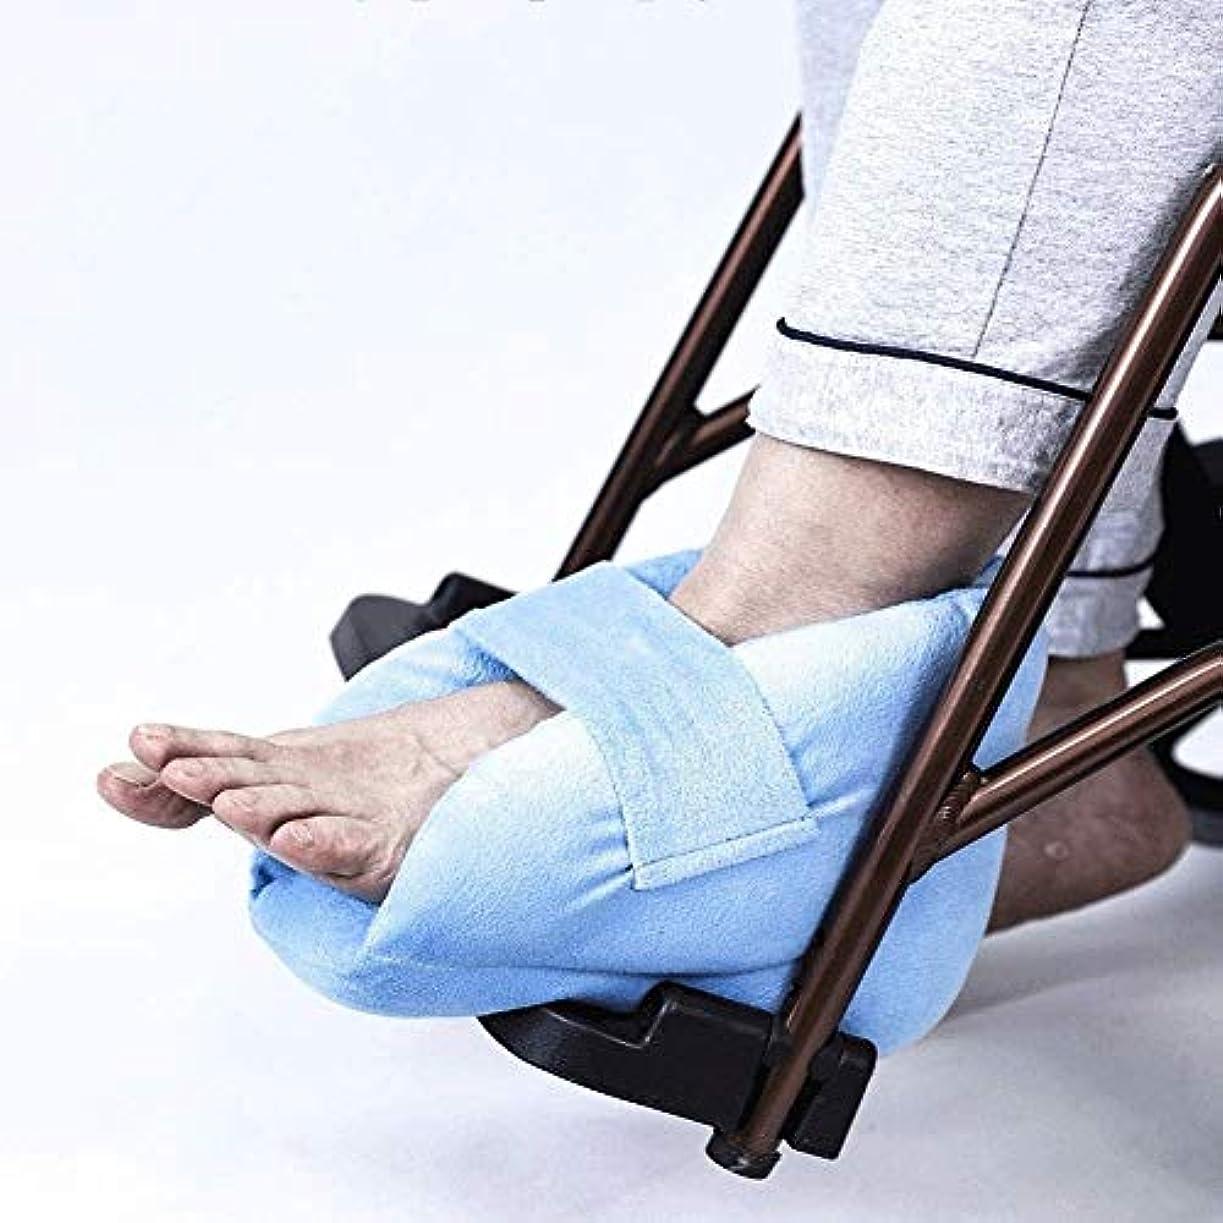 パケット他の場所感嘆符かかとプロテクター枕、足補正カバー圧痛とかかと潰瘍の救済 高弾性スポンジ充填、ライトブルー-1ペア